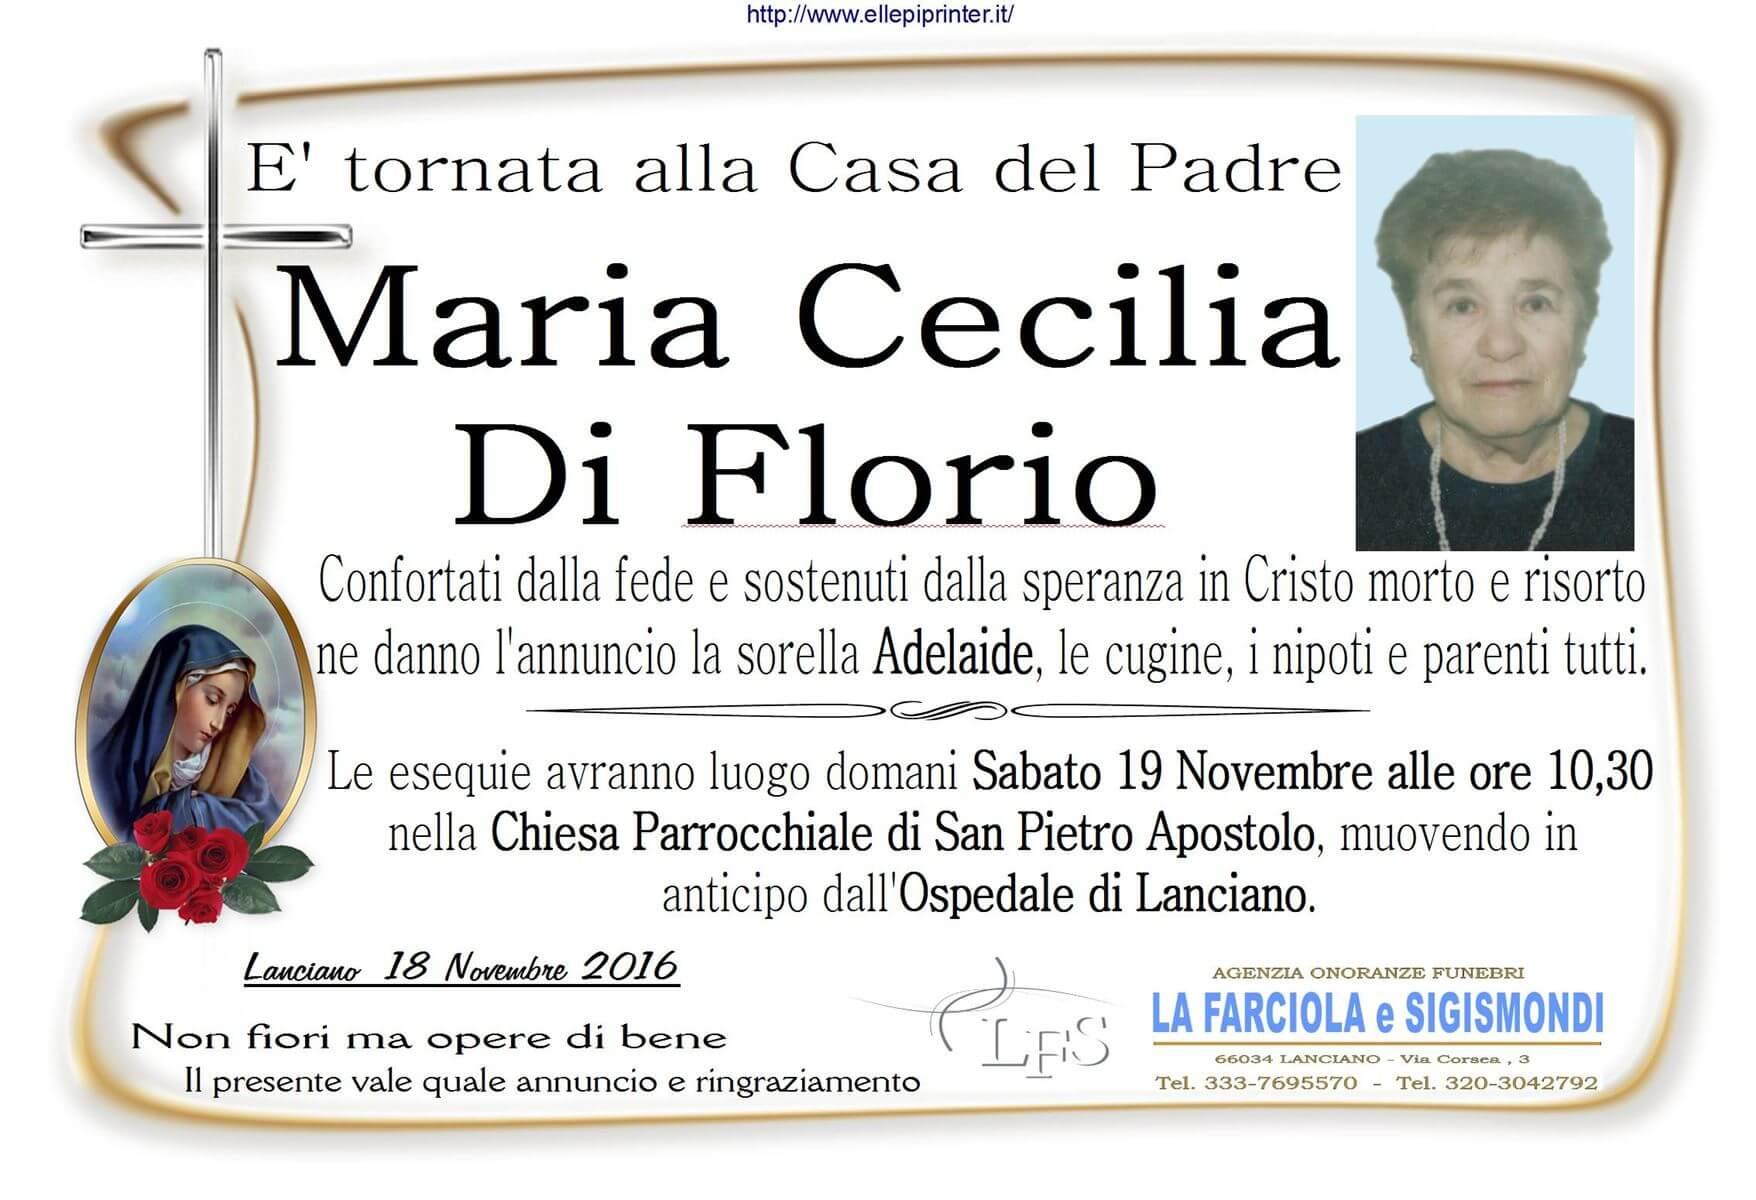 MANIFESTO DI FLORIO MARIA CECILIA